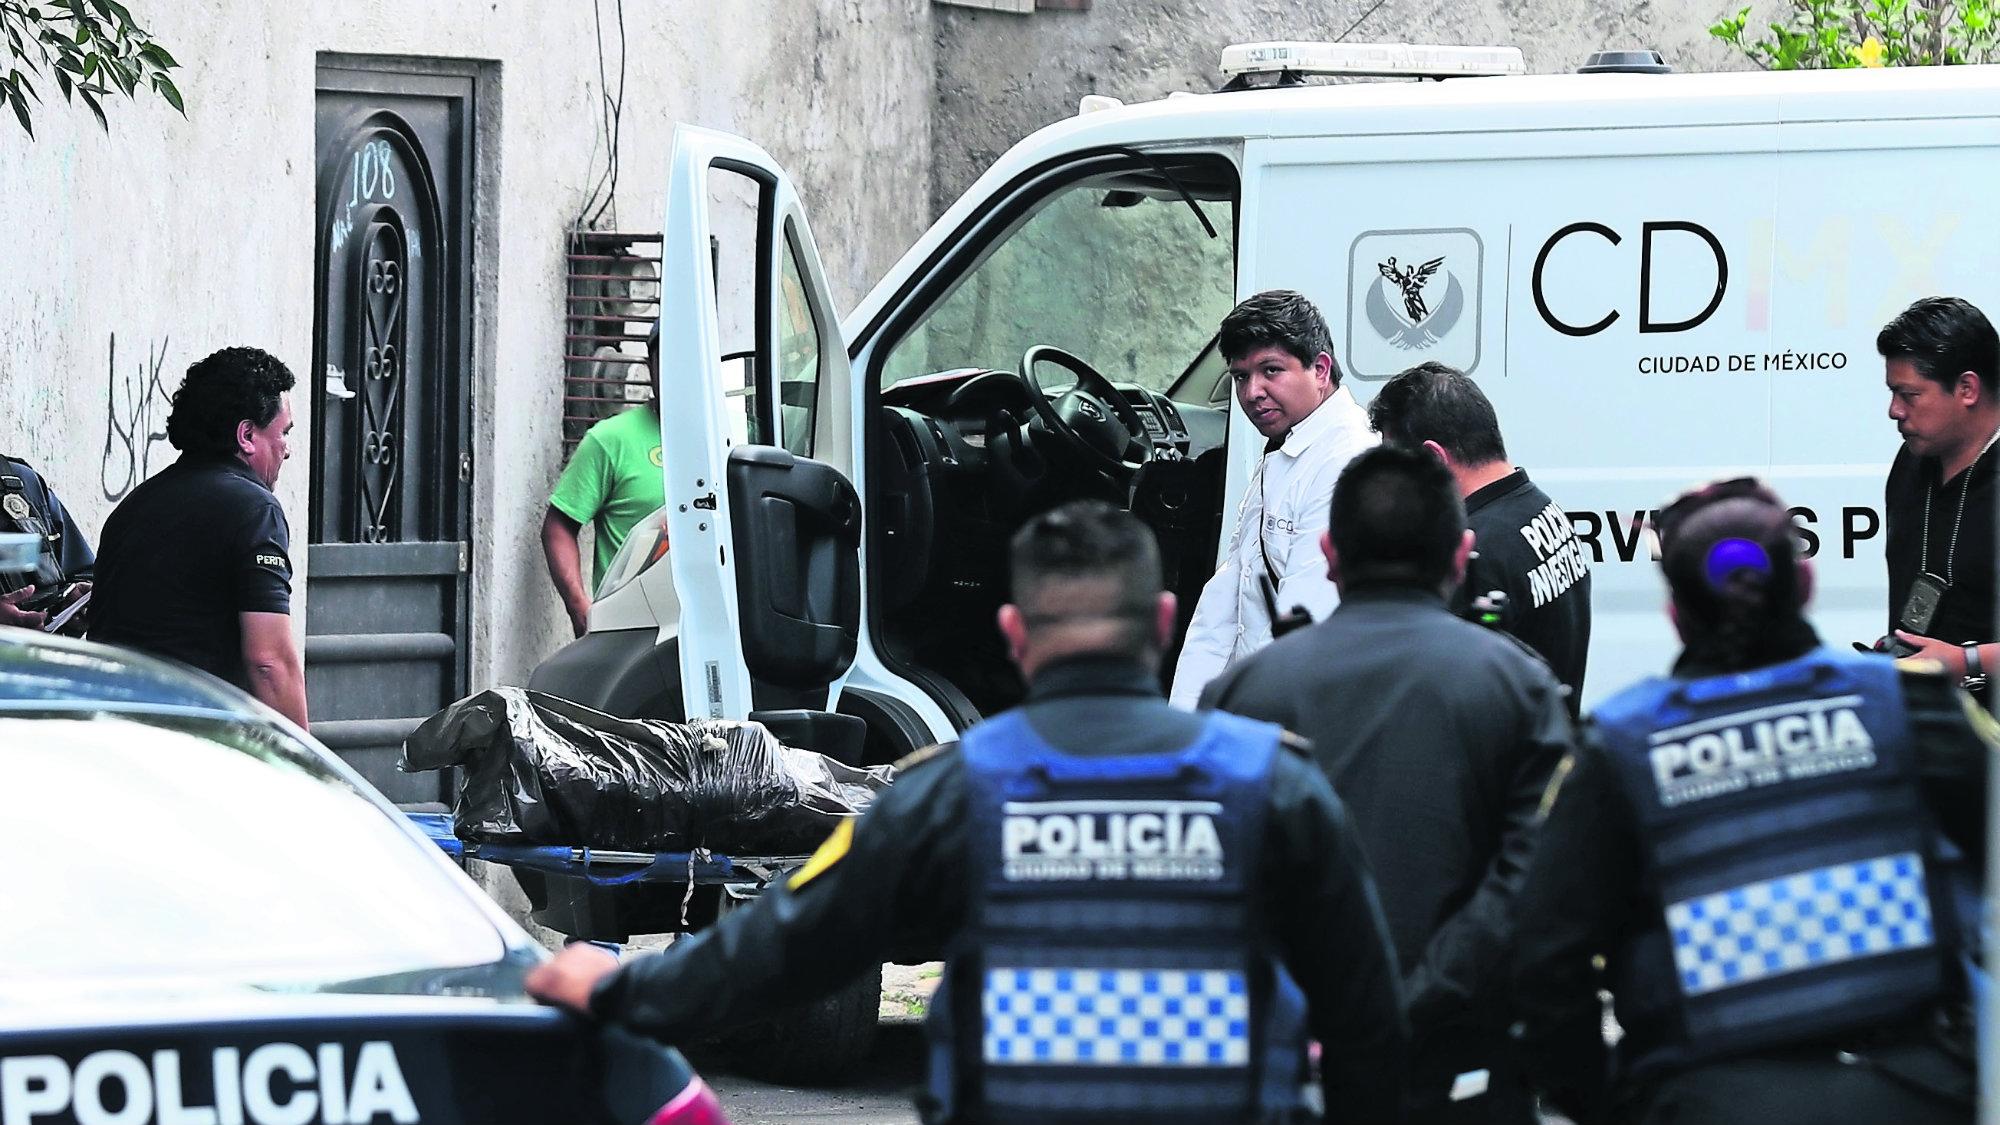 Hallan cadáver Mujer embolsada Ahoracada y manitada CDMX Iztapalapa